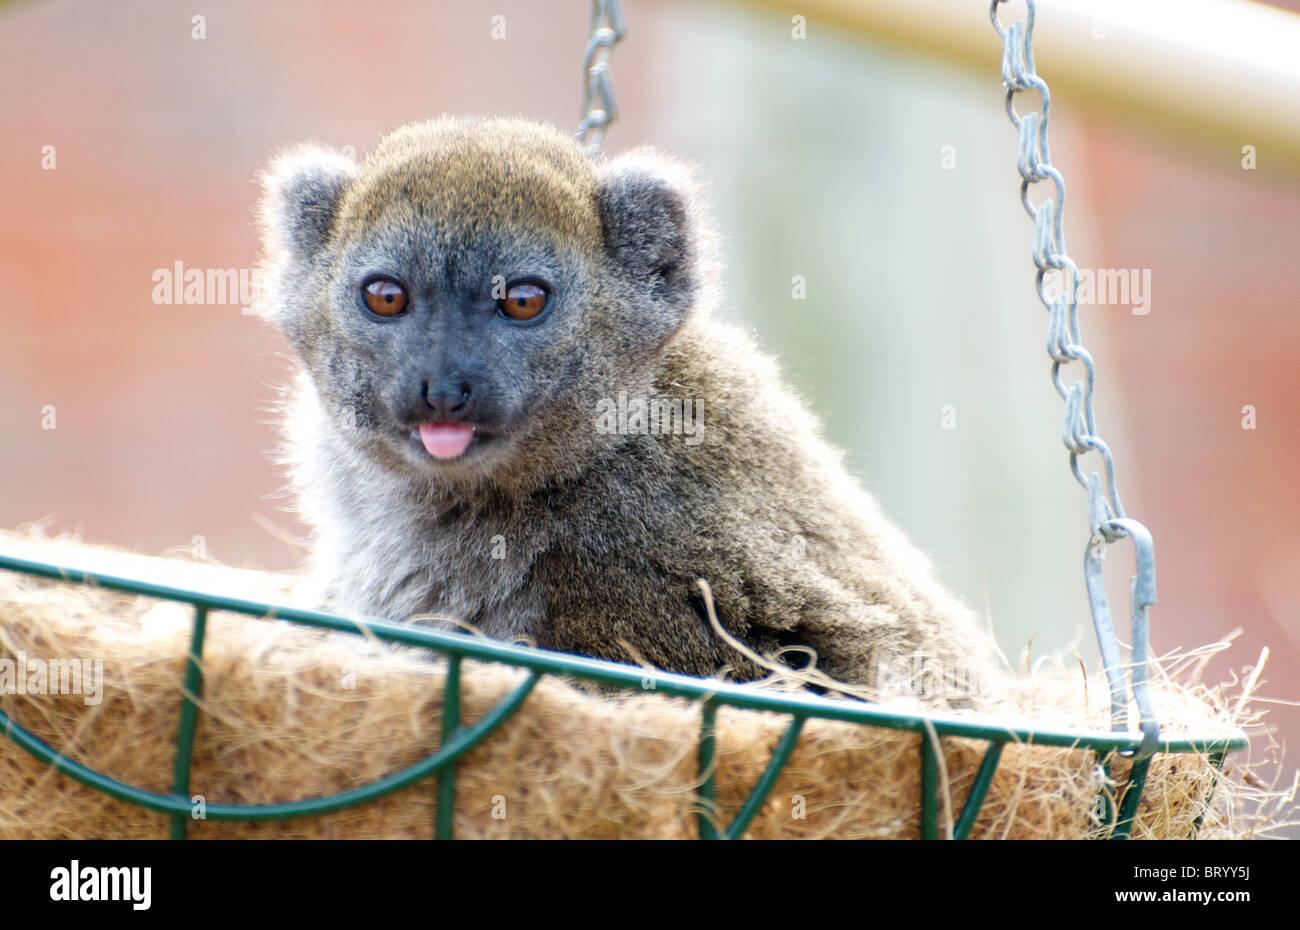 Alaotran gentle lemur in hanging basket, sticking out tongue - Stock Image